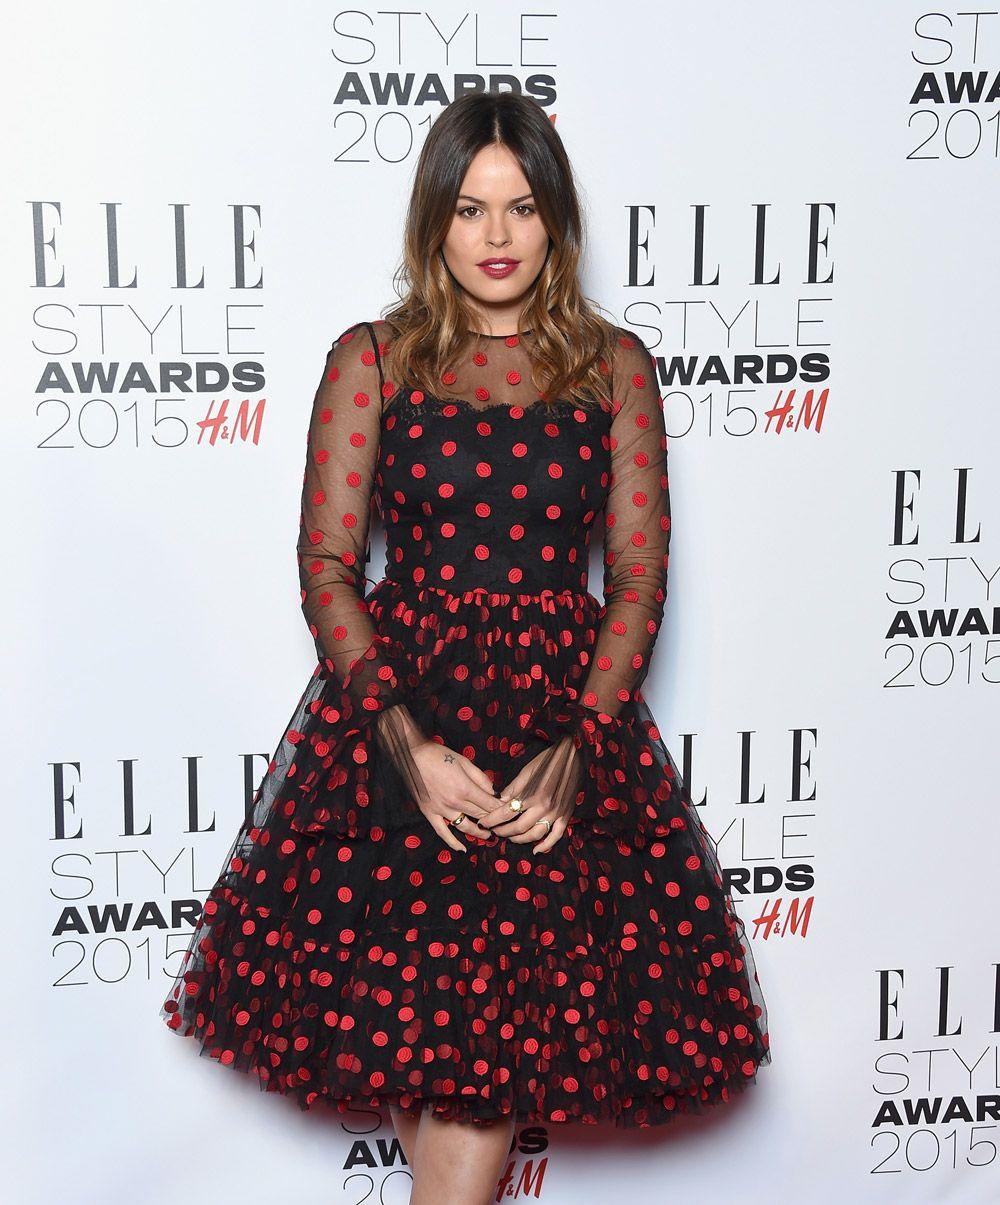 Atlanta De Cadenet wearing Dolce&Gabbana to attend the Elle Style Awards 2015 in London on February 24, 2015.